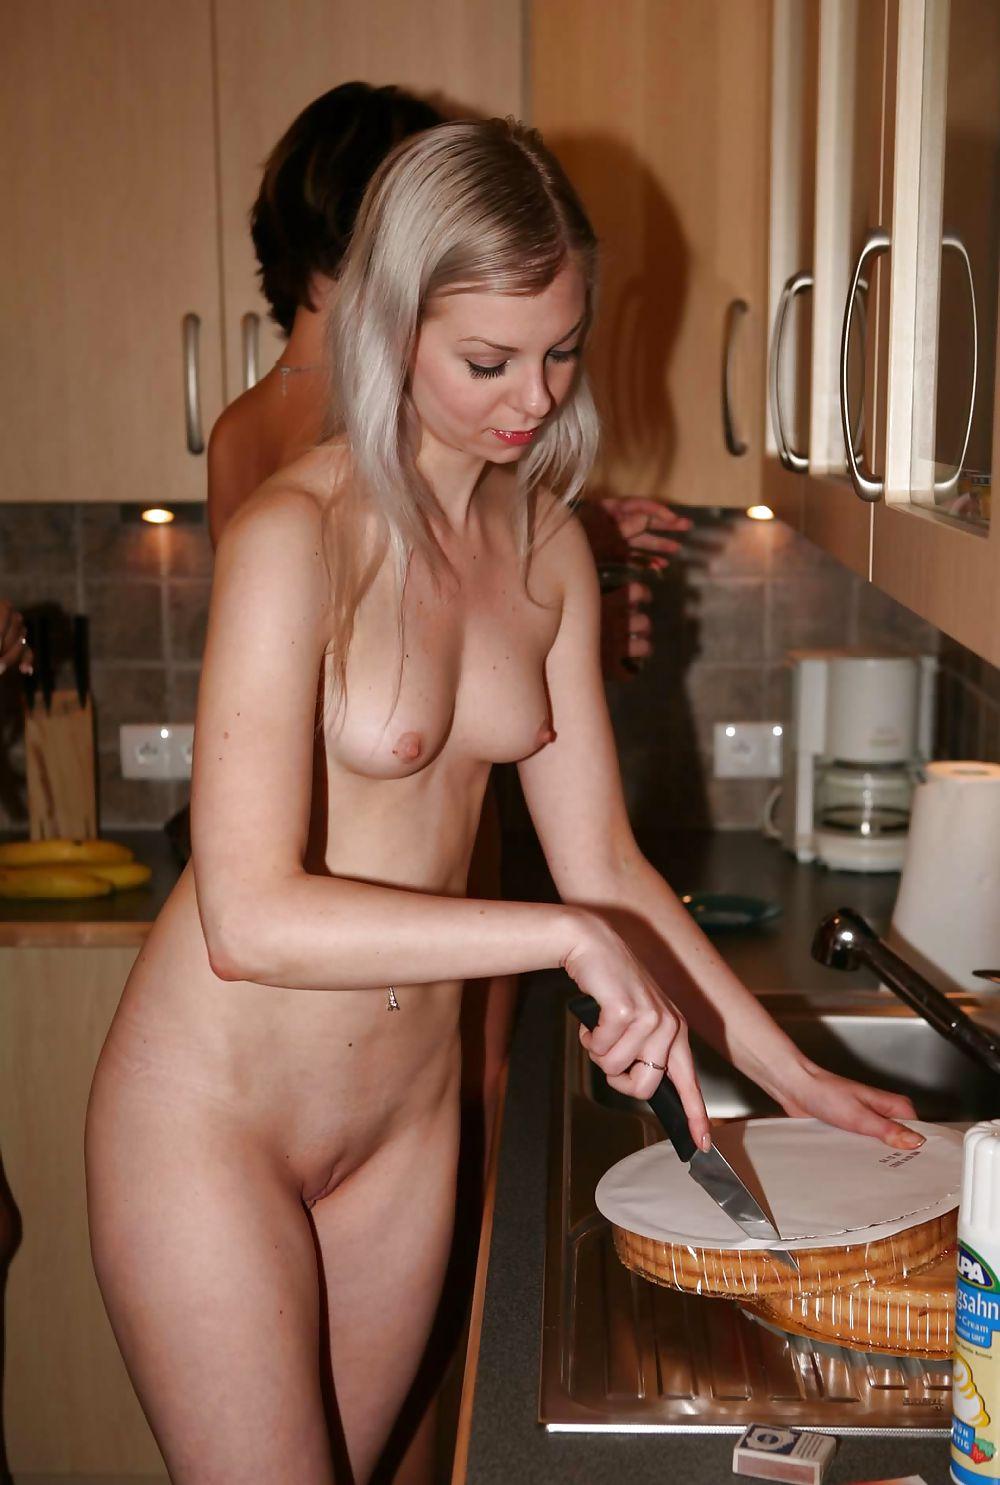 chastnie-ero-foto-russkih-domohozyaek-smotret-porno-video-razvratniy-trener